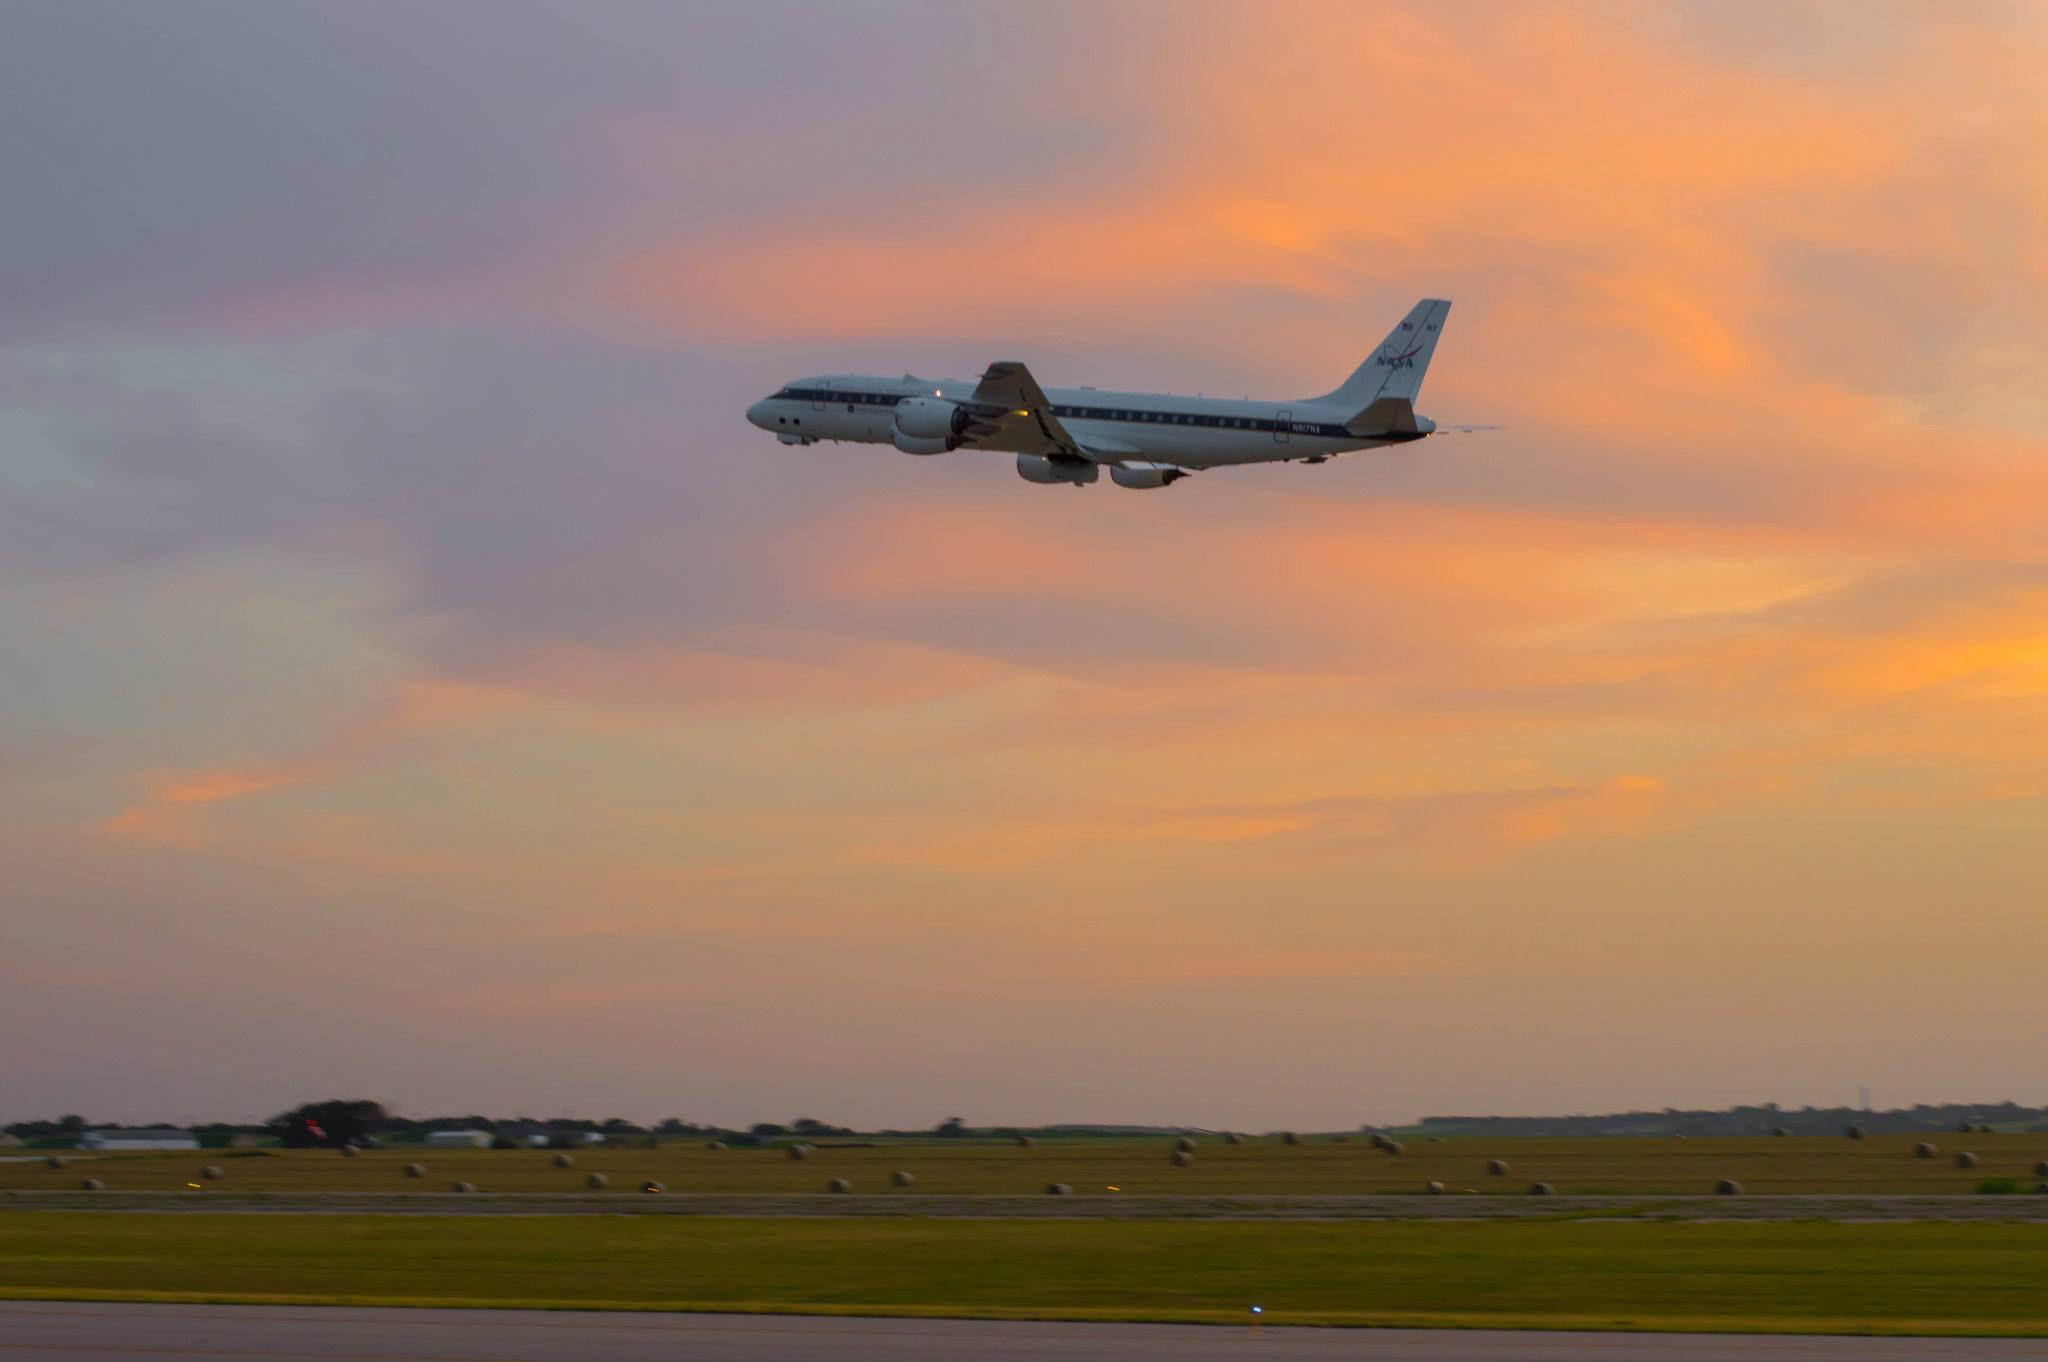 NASA Utilizing Salina Airport